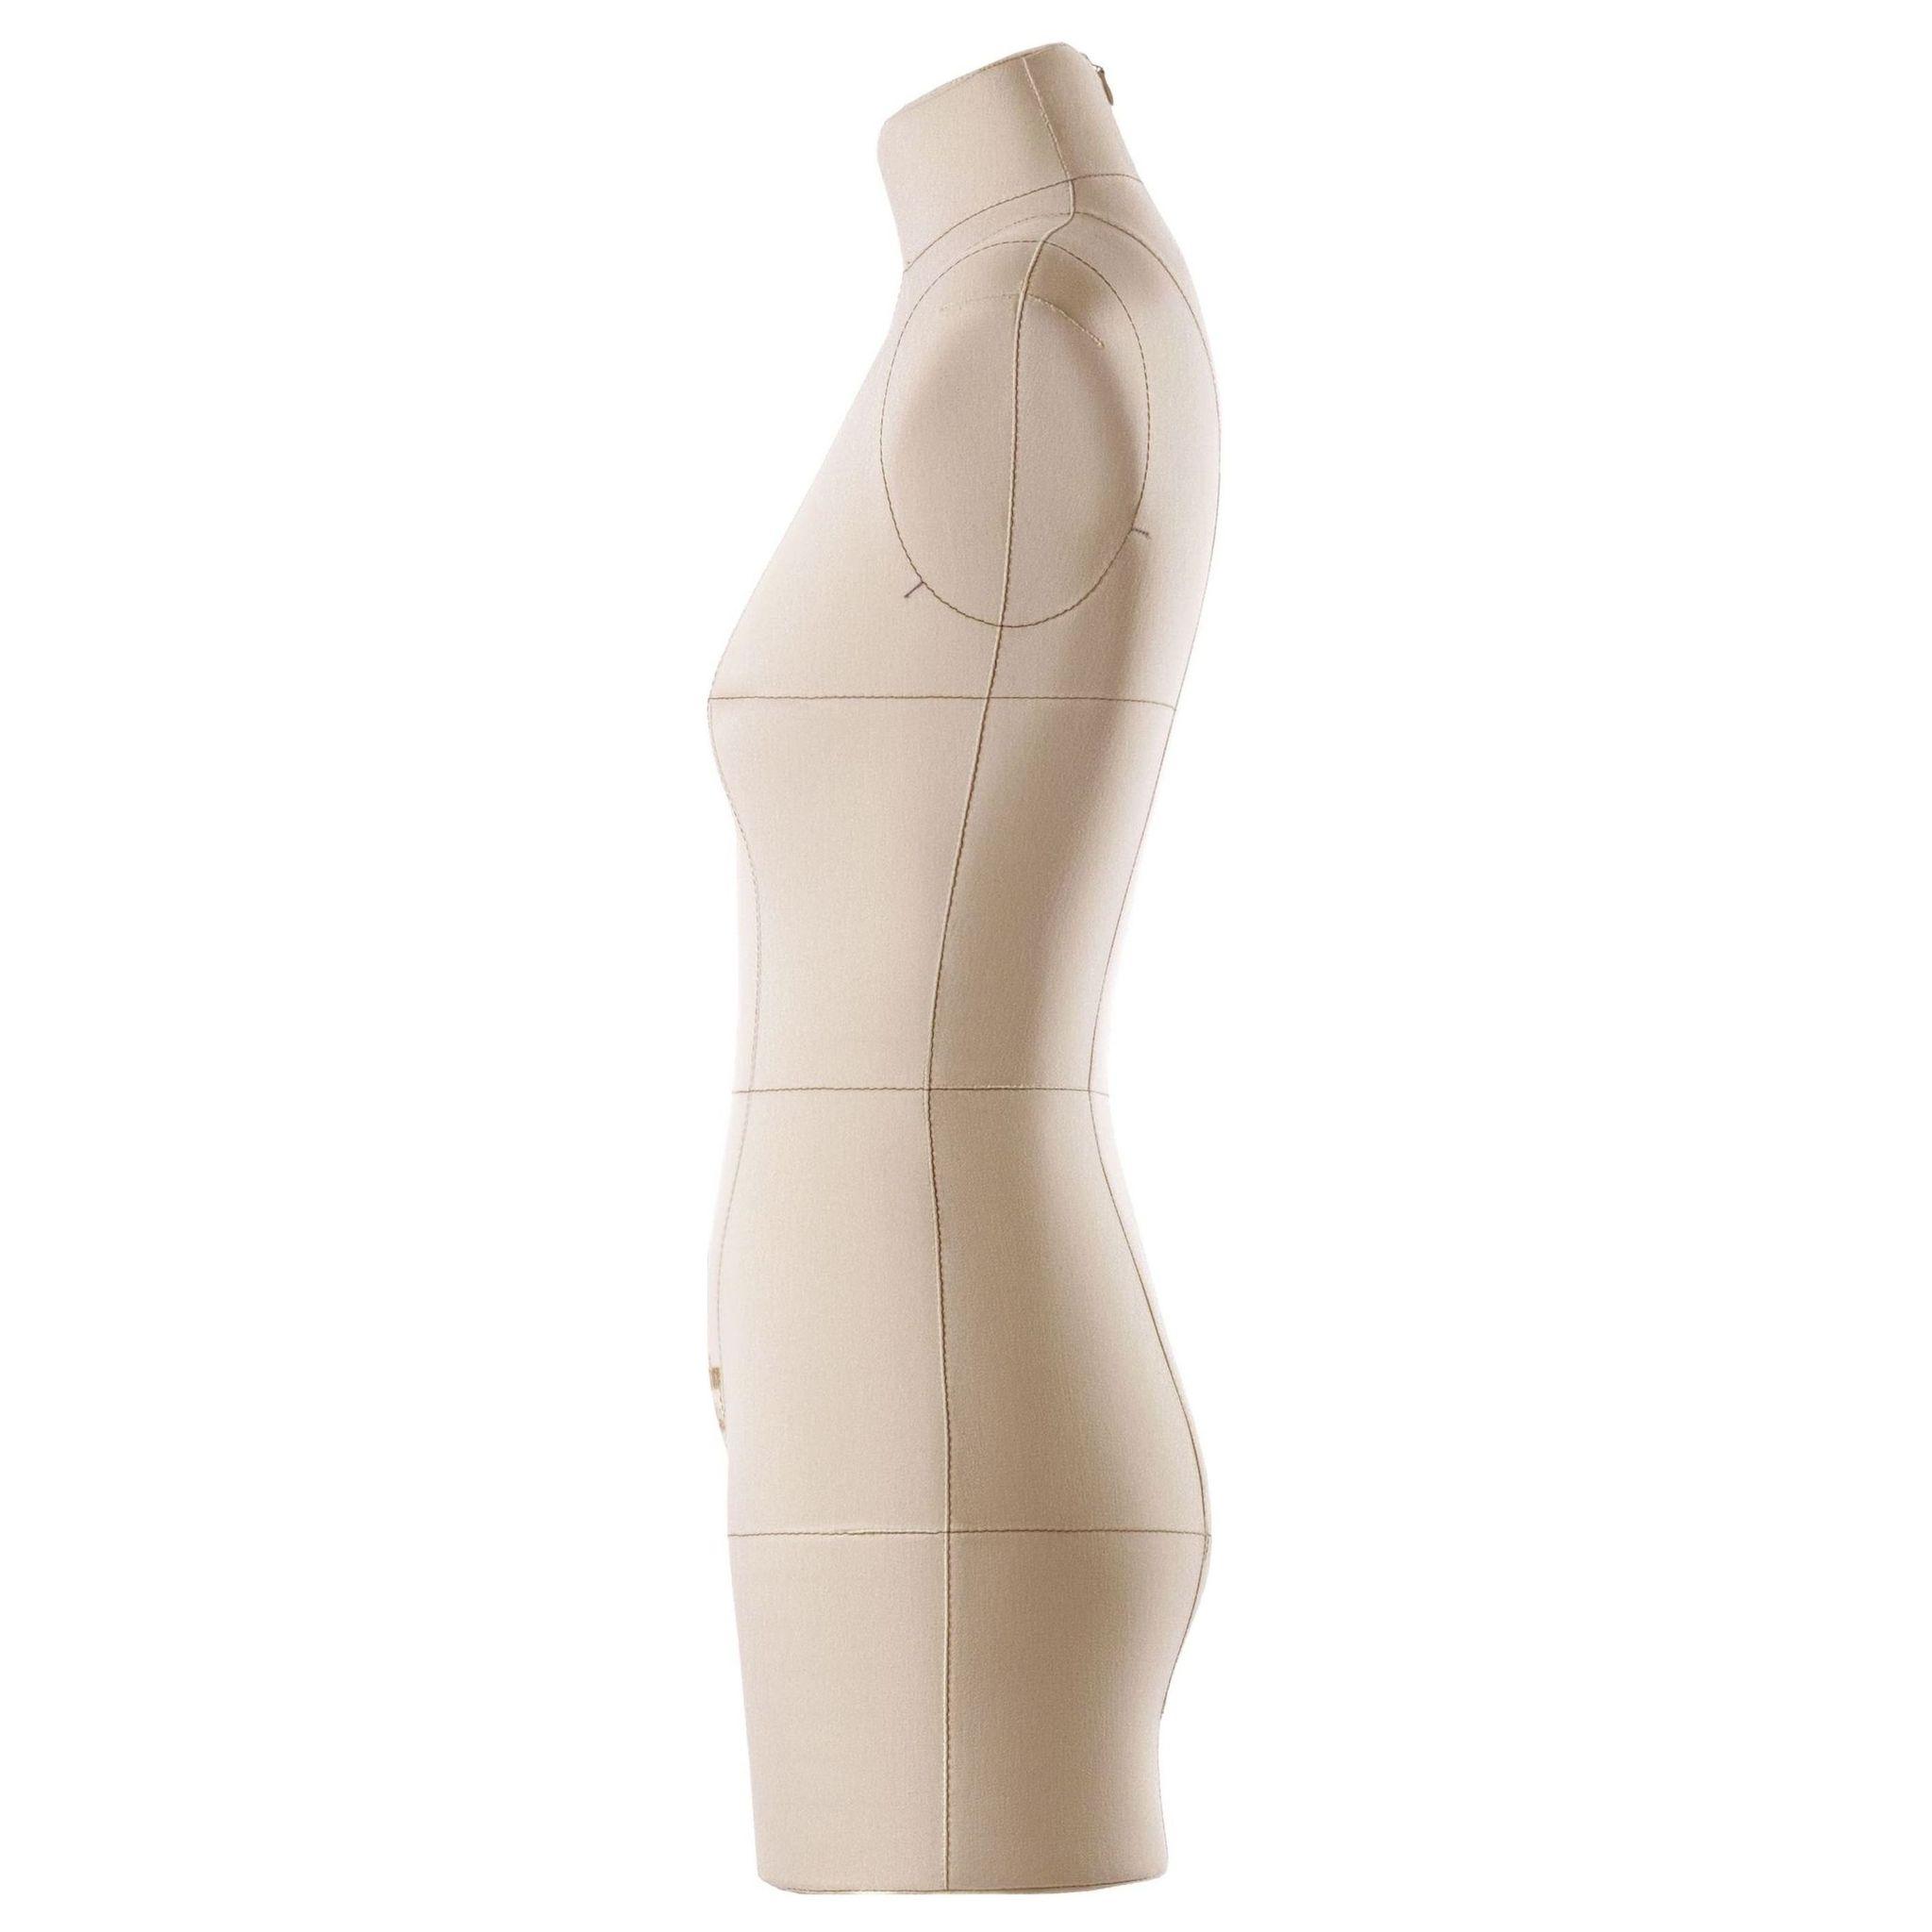 Манекен портновский Моника, комплект Про, размер 42, БежевыйФото 4